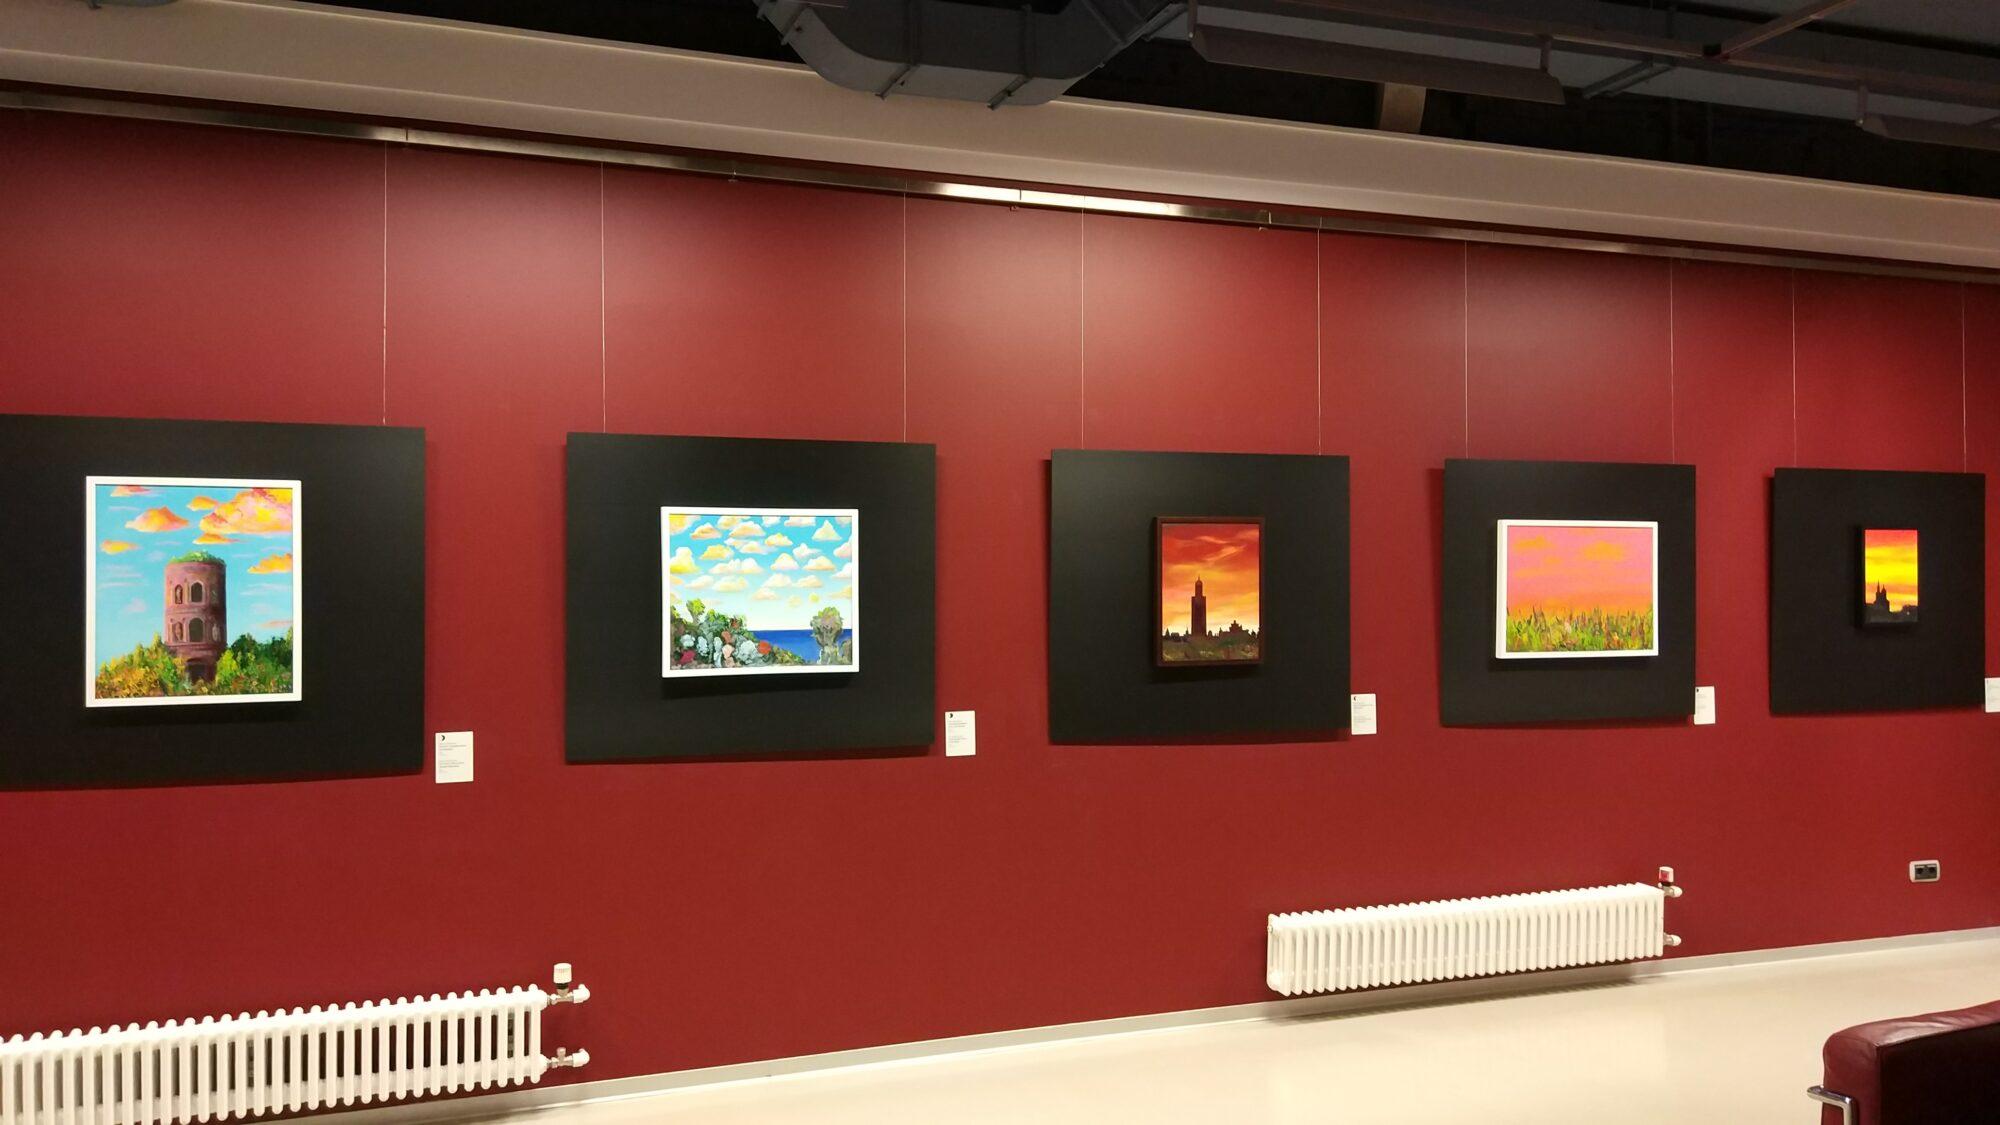 Картины Бориса Гребенщикова в музее Эрарта, выставка «Азбука лунного света», автор: Birulik